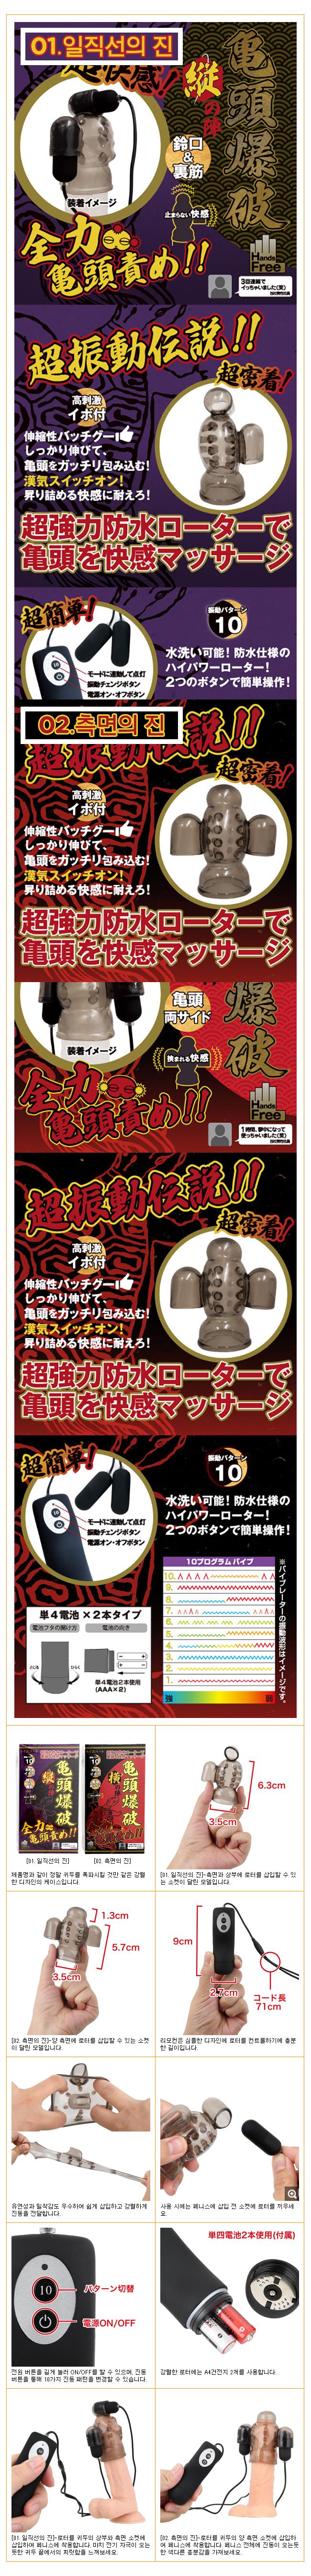 [일본 직수입] 귀두폭파(亀頭爆破)